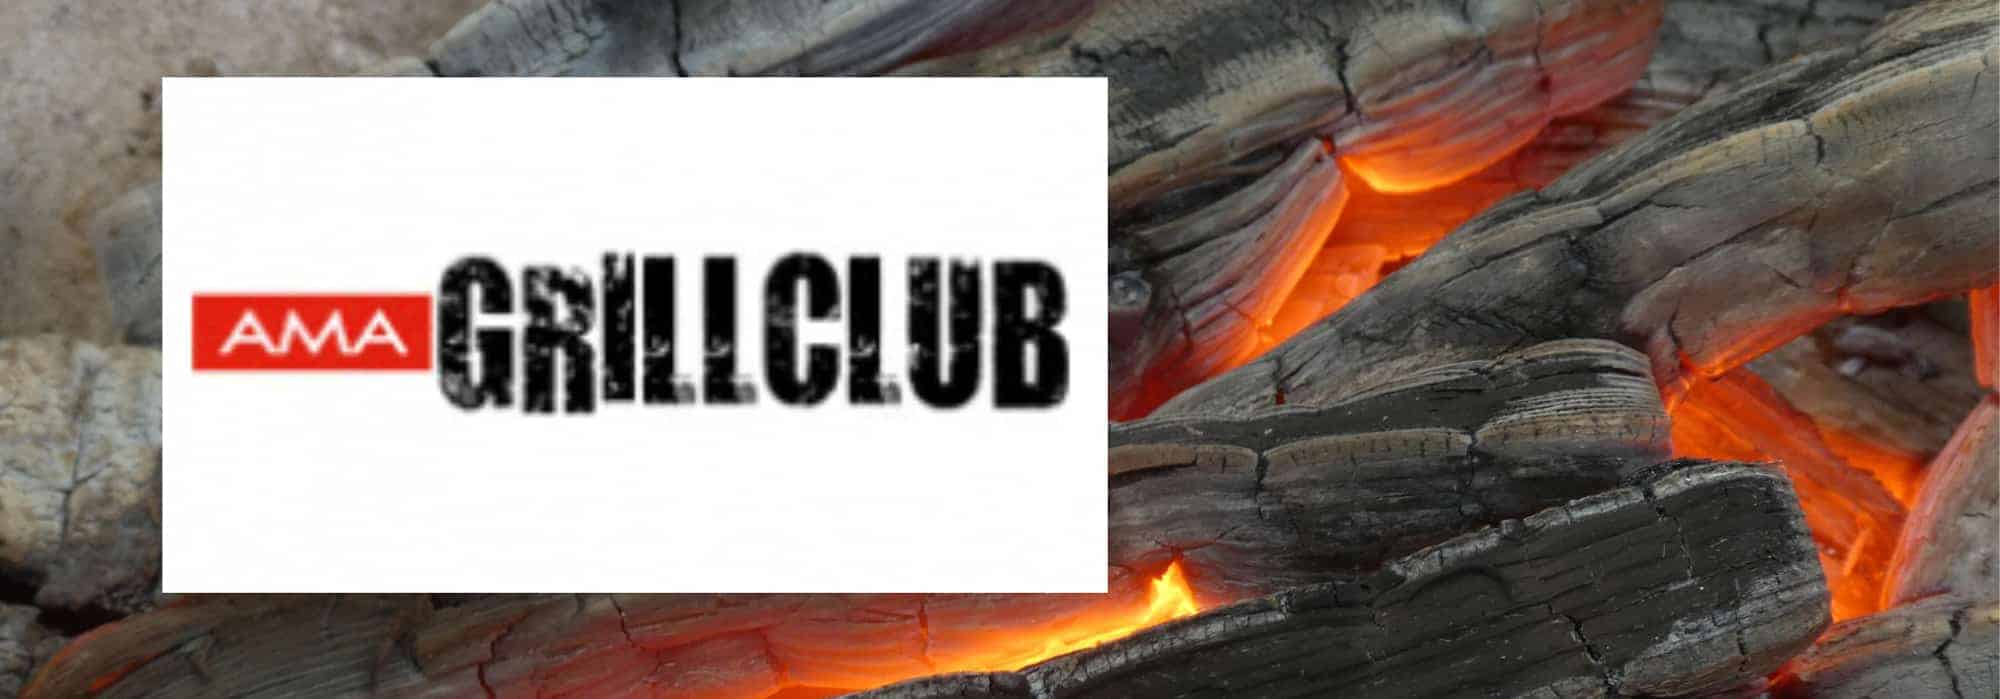 AMA Grillclub-Trainer Seminar